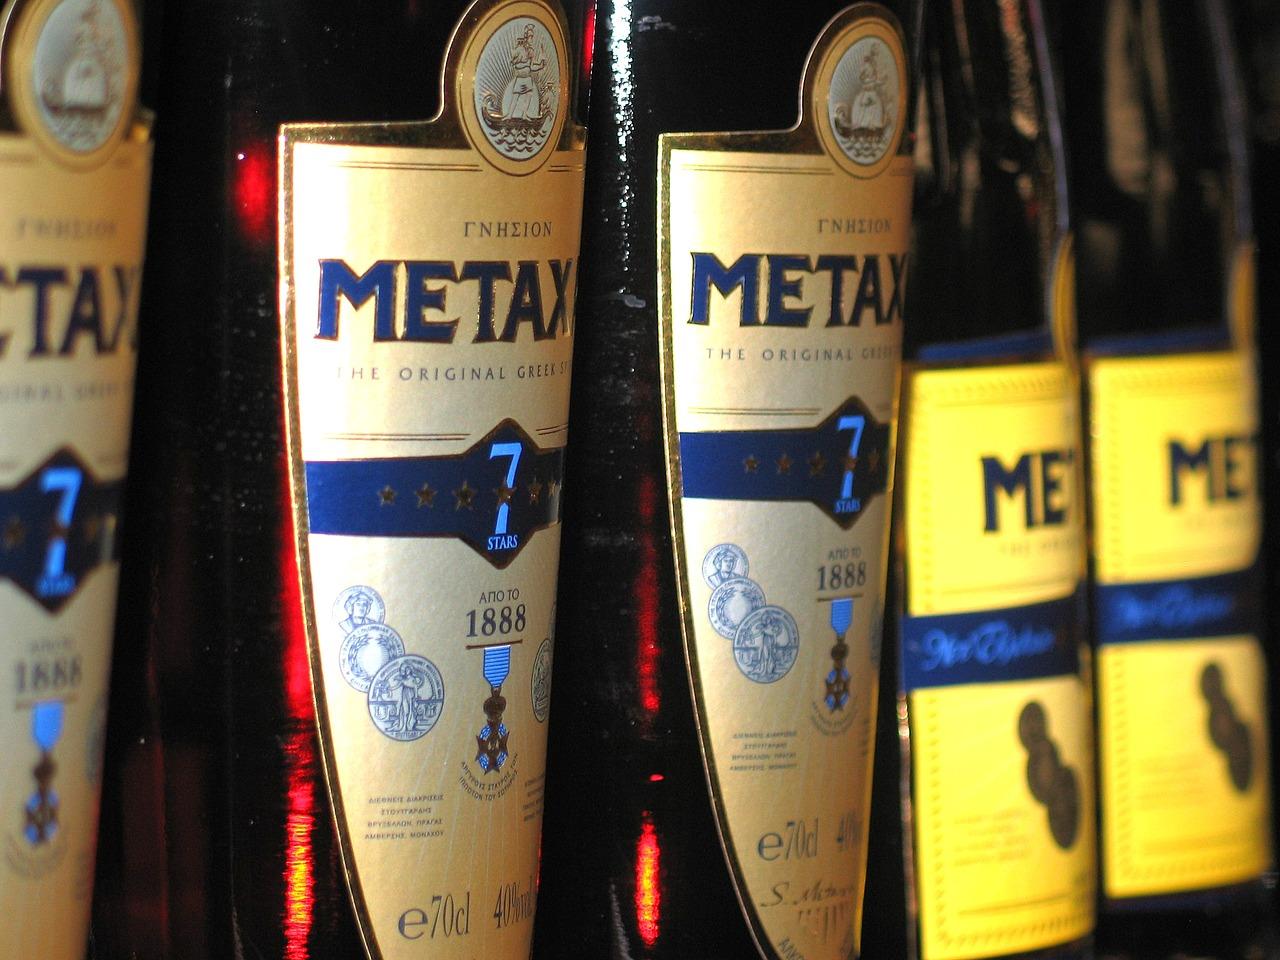 Metaxa – aj hviezdičky majú svoj význam